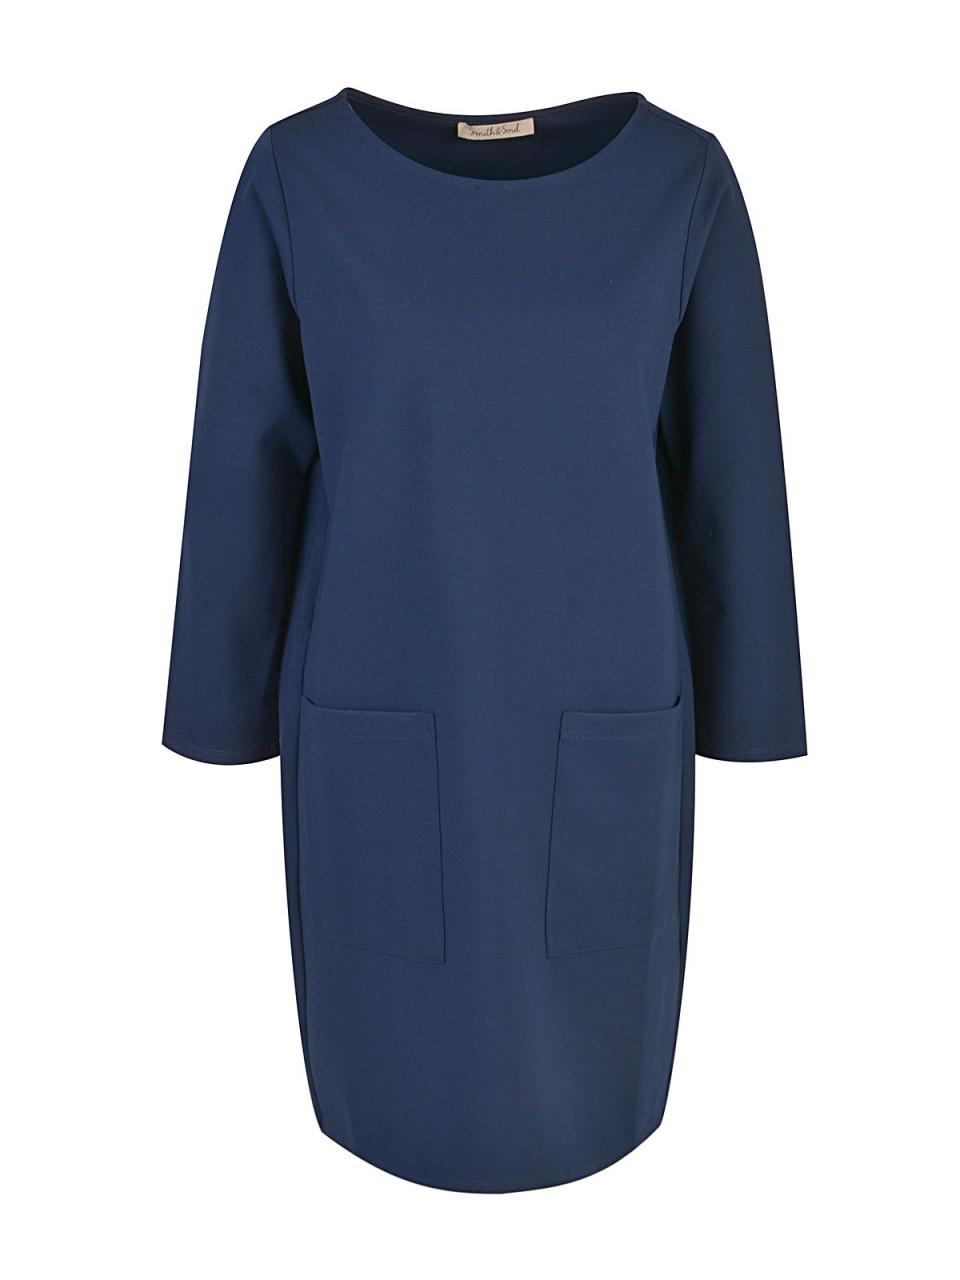 Kleider - SMITH SOUL Damen Kleid, marine  - Onlineshop Designermode.com